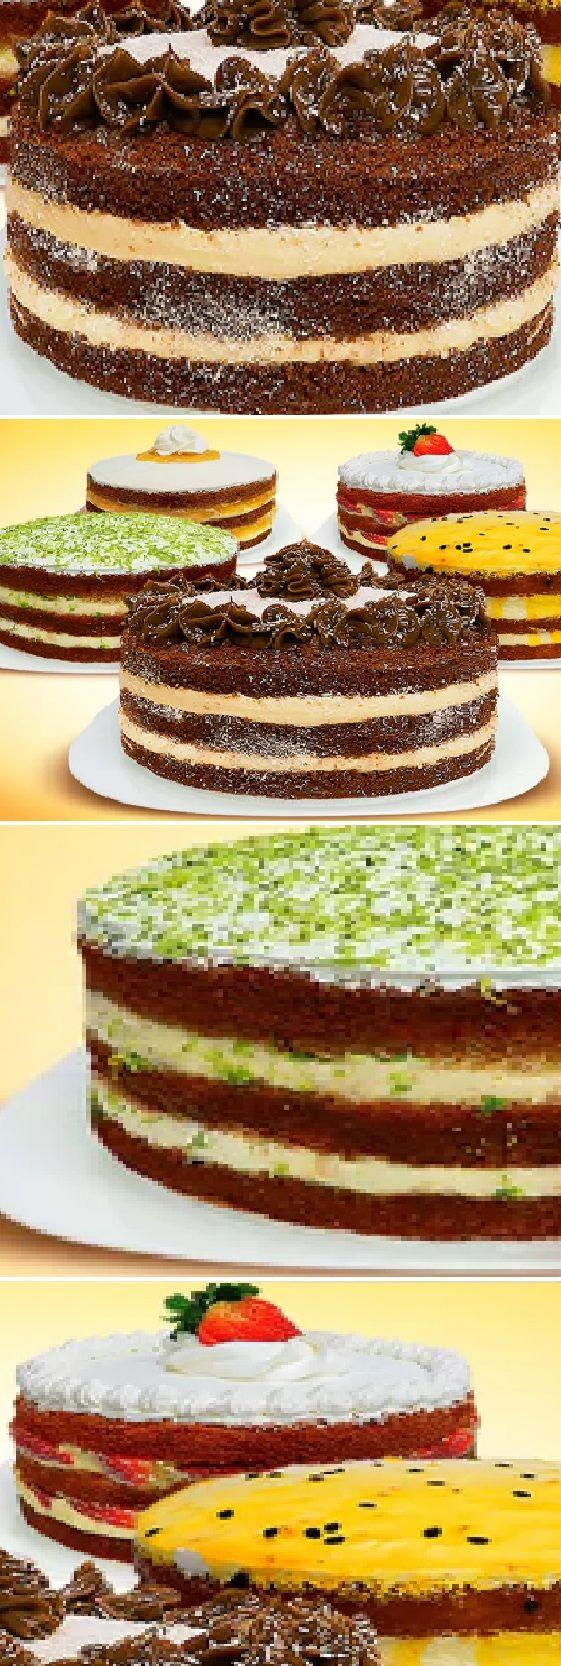 Conoce los SECRETOS para decorar TORTAS PERFECTAS y espectaculares. #bordes #fondant #fondantcake #decorar #cakes #vainilla #receta #recipe #casero #torta #tartas #pastel #nestlecocina #bizcocho #bizcochuelo #tasty #cocina #chocolate #pan #panes  Si te gusta dinos HOLA y dale a Me Gusta MIREN …